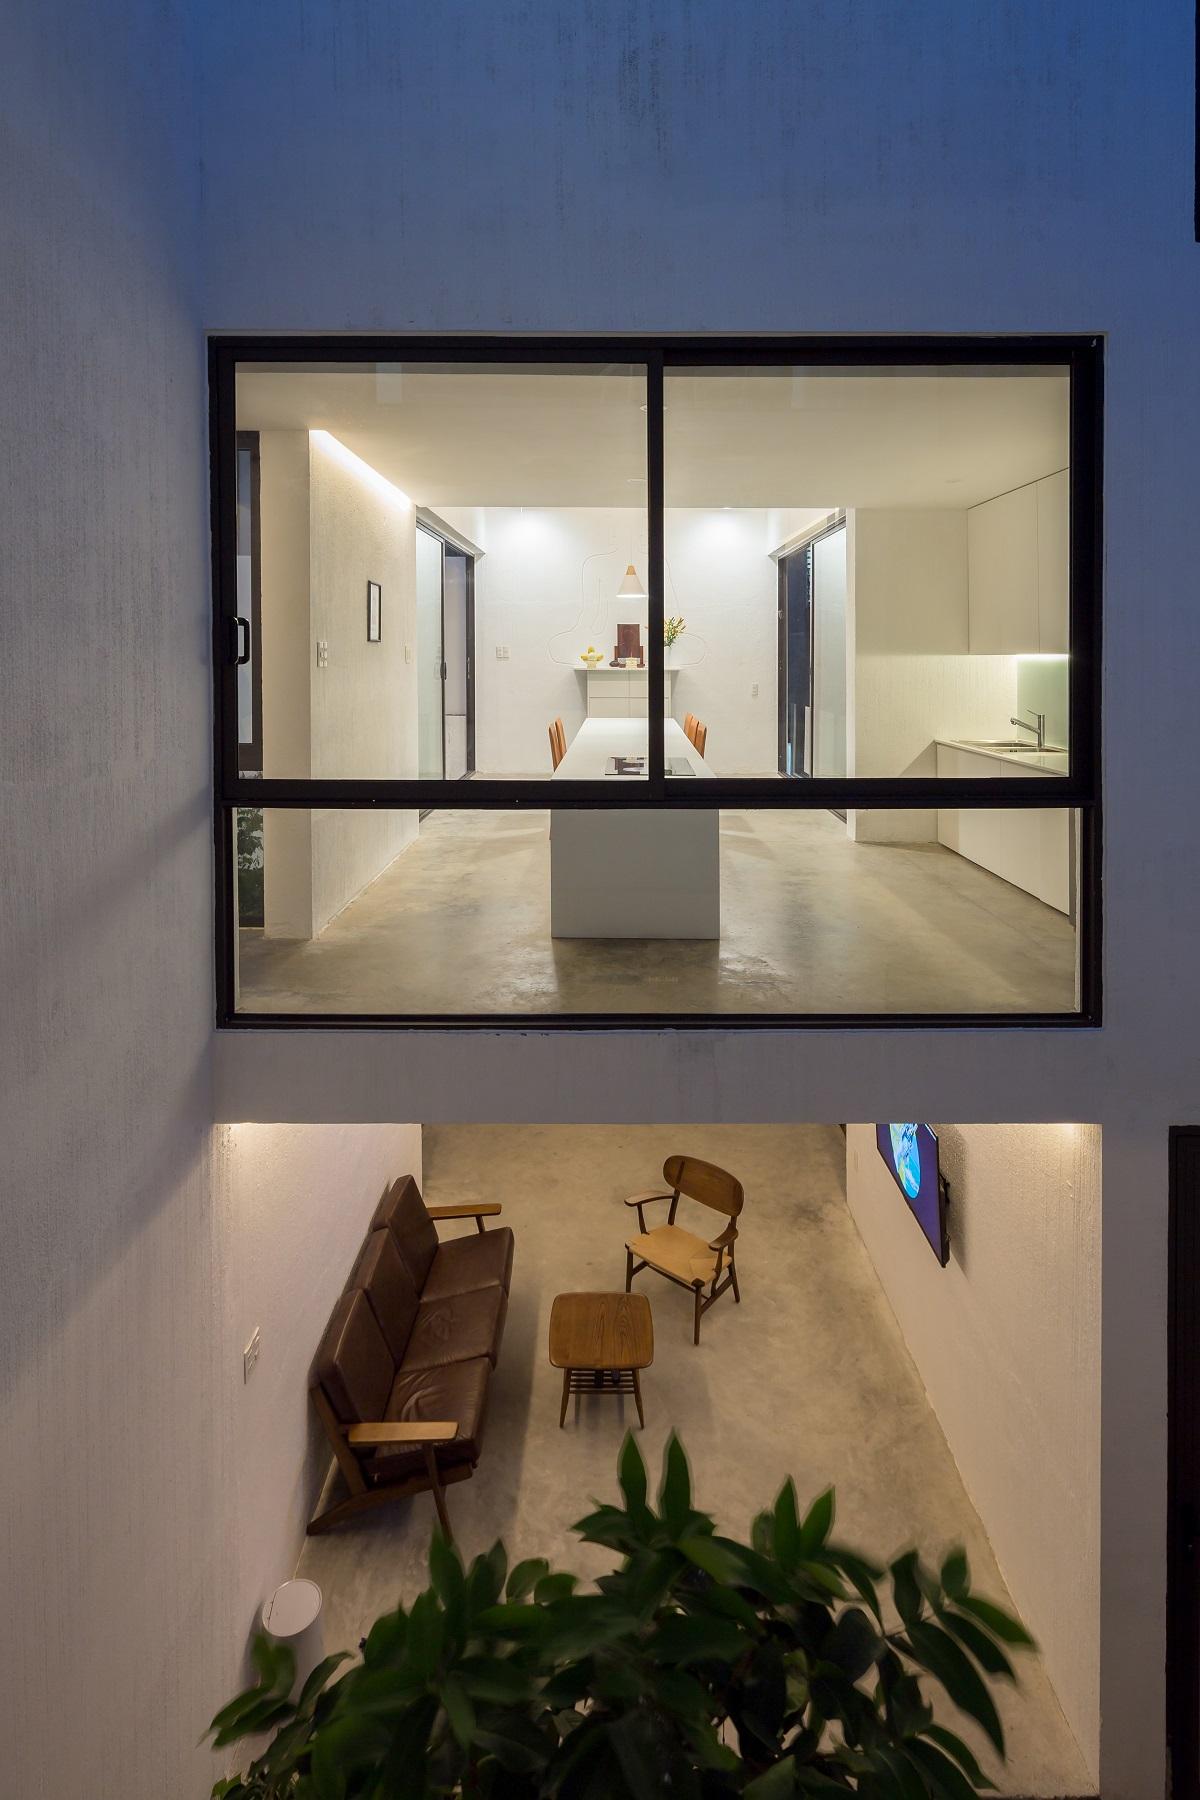 11.11 - Nhà Mệ Loan - Khoảng trời đón nắng trong ngõ nhỏ   H-H Studio